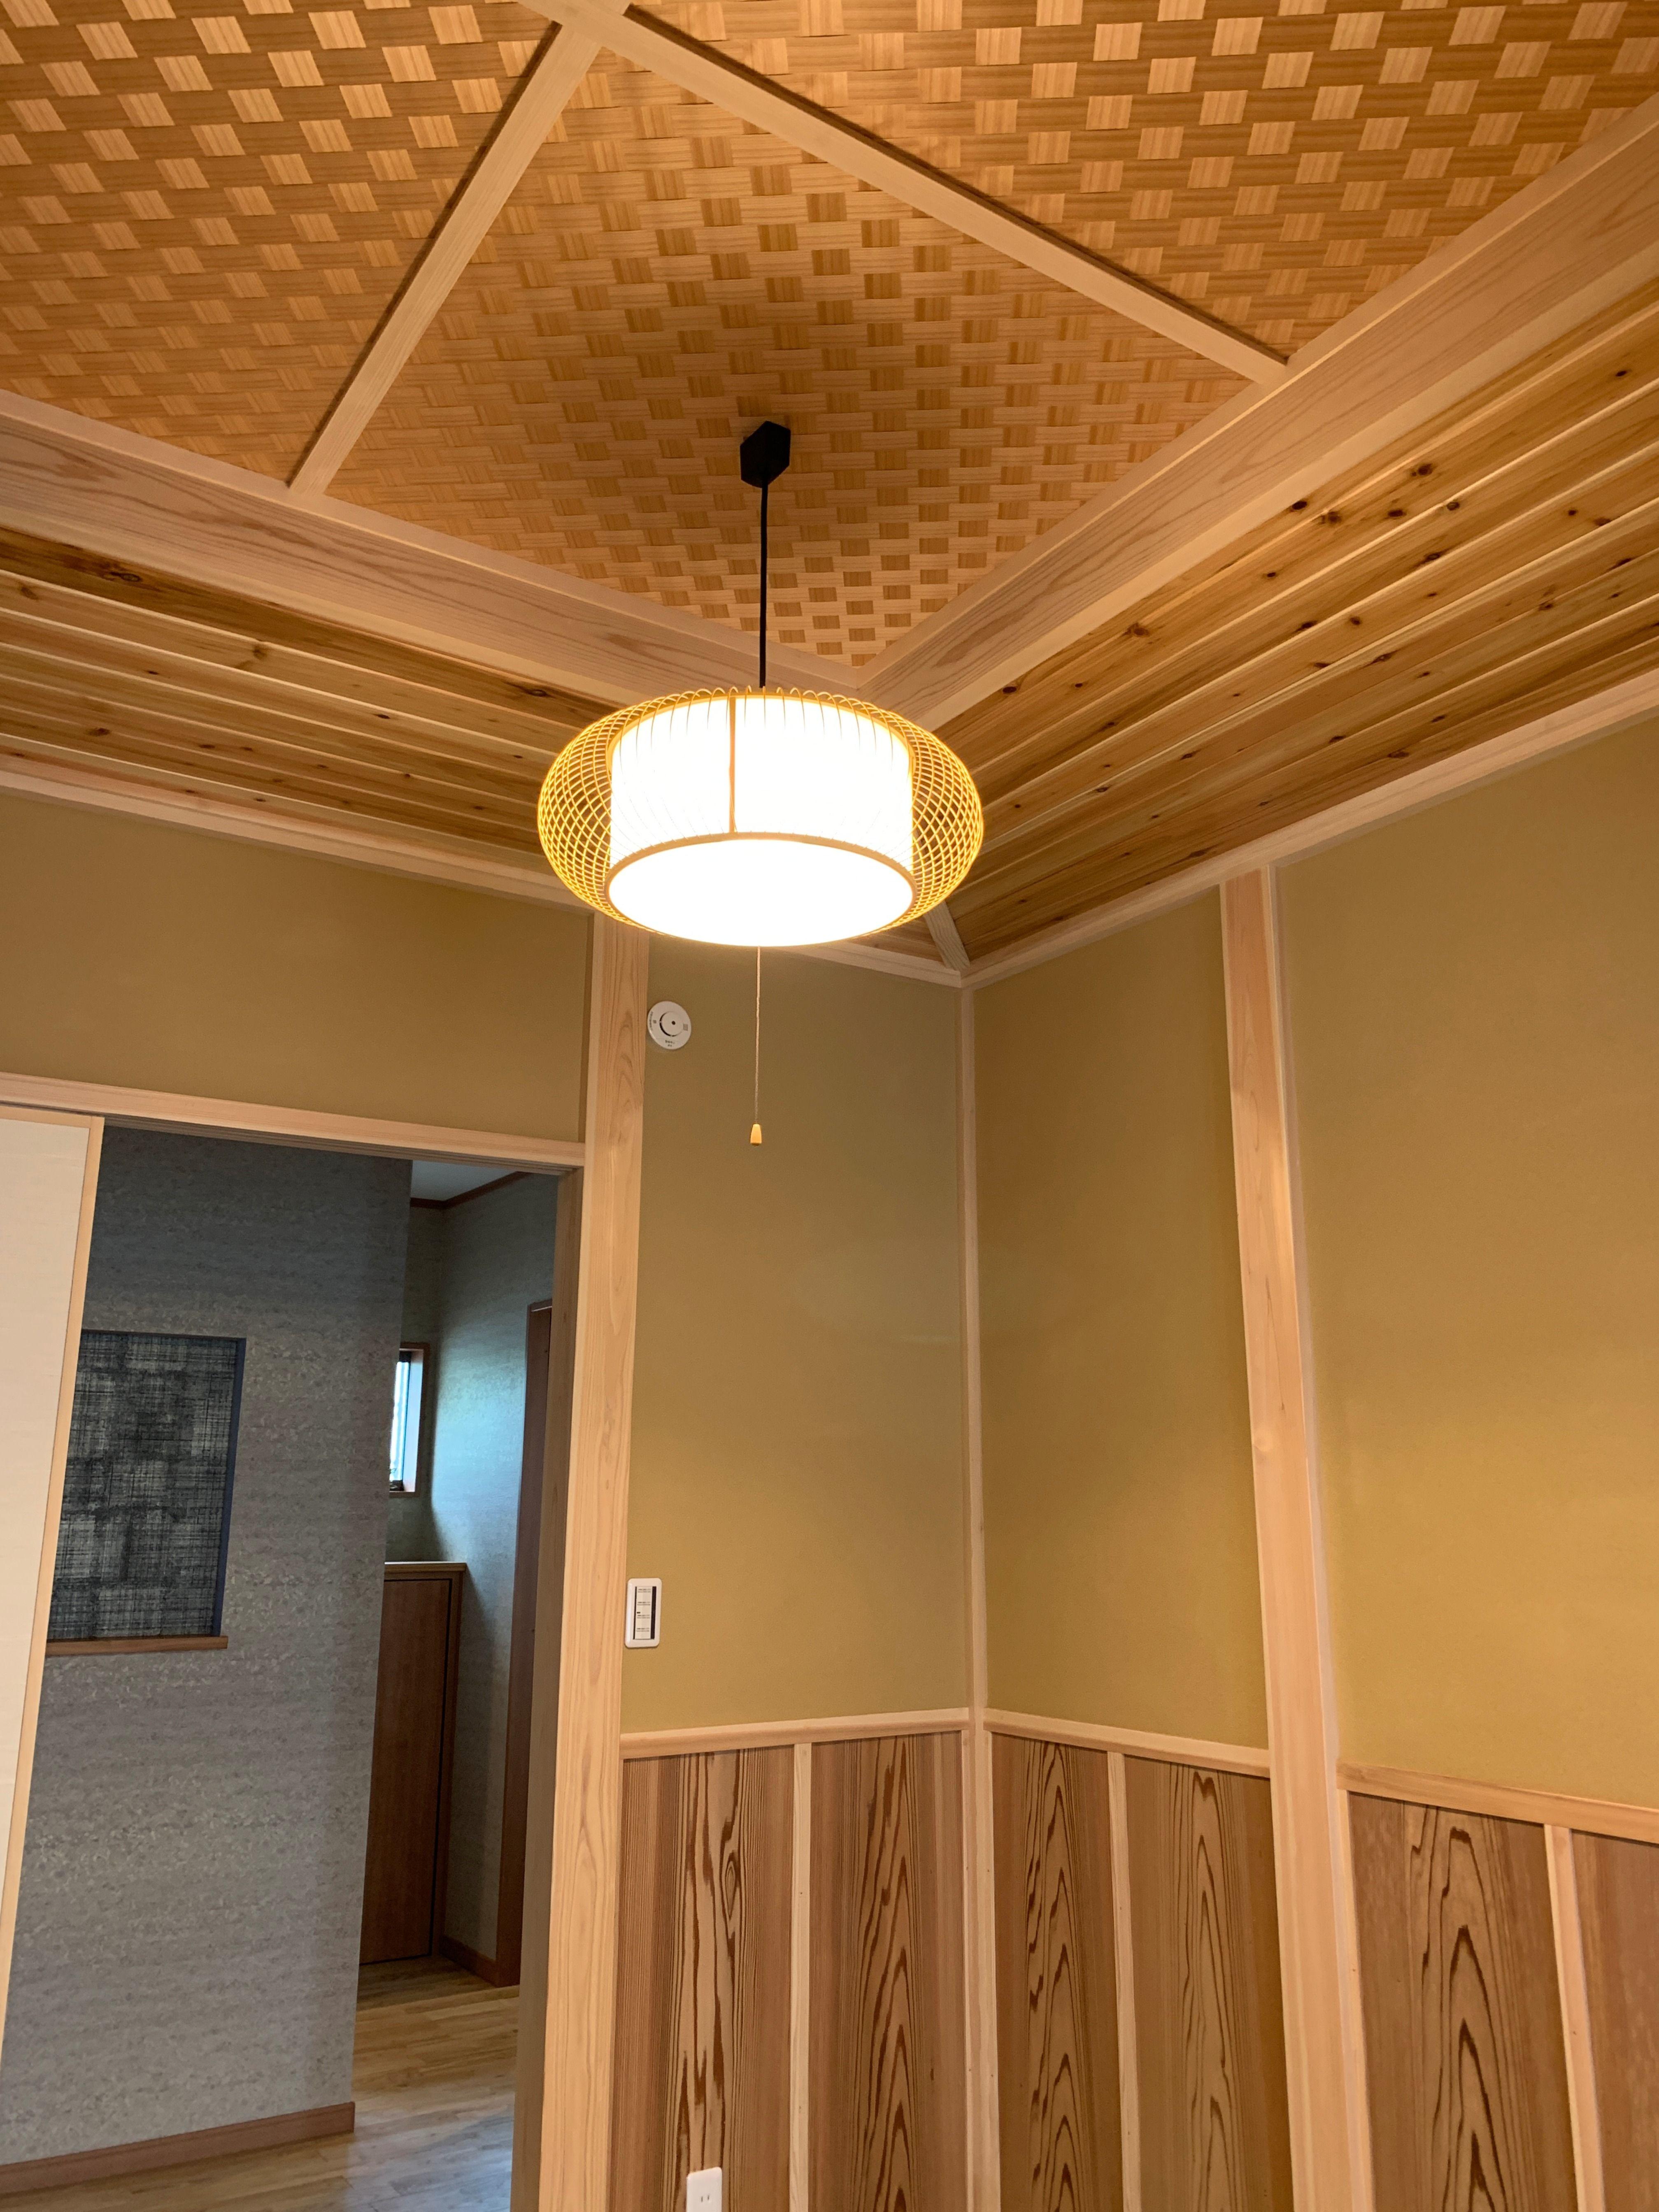 網代天井 あじろてんじょう 和室 収納棚 和室 天井 棲家